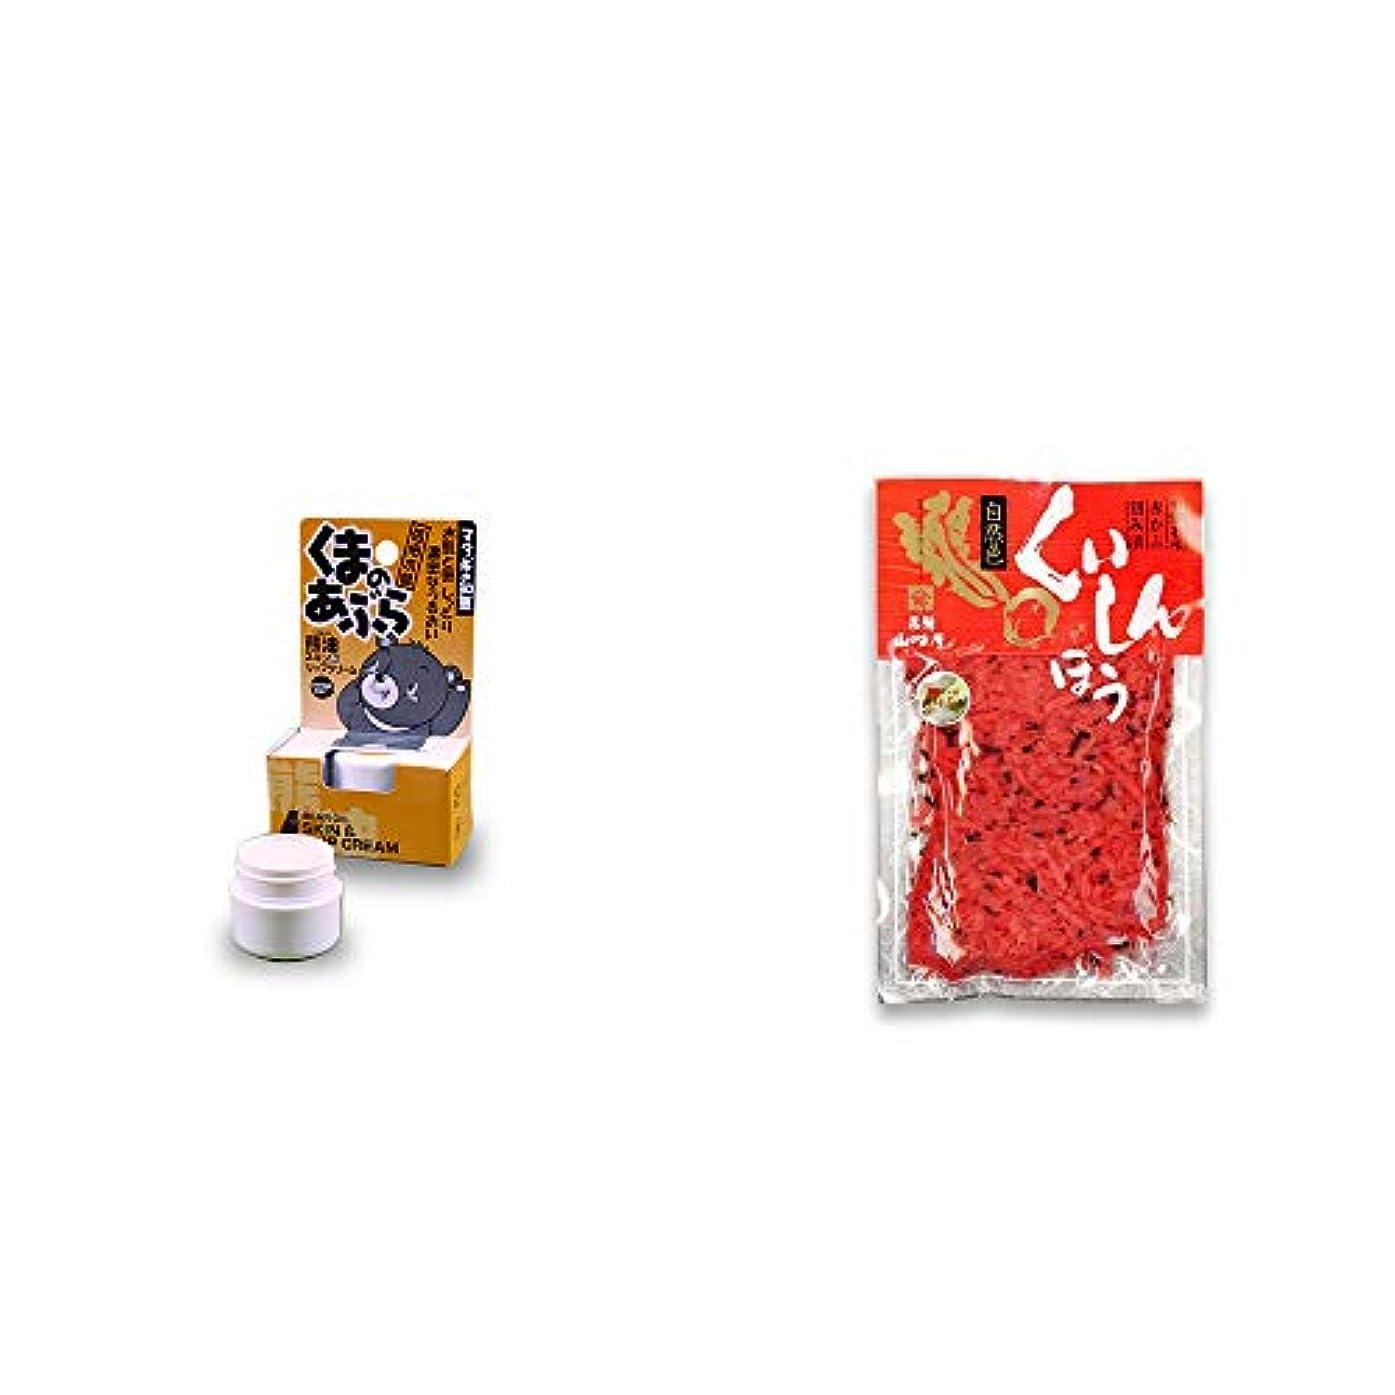 支配的ぶどうアグネスグレイ[2点セット] 信州木曽 くまのあぶら 熊油スキン&リップクリーム(9g)?飛騨山味屋 くいしんぼう【小】 (160g)